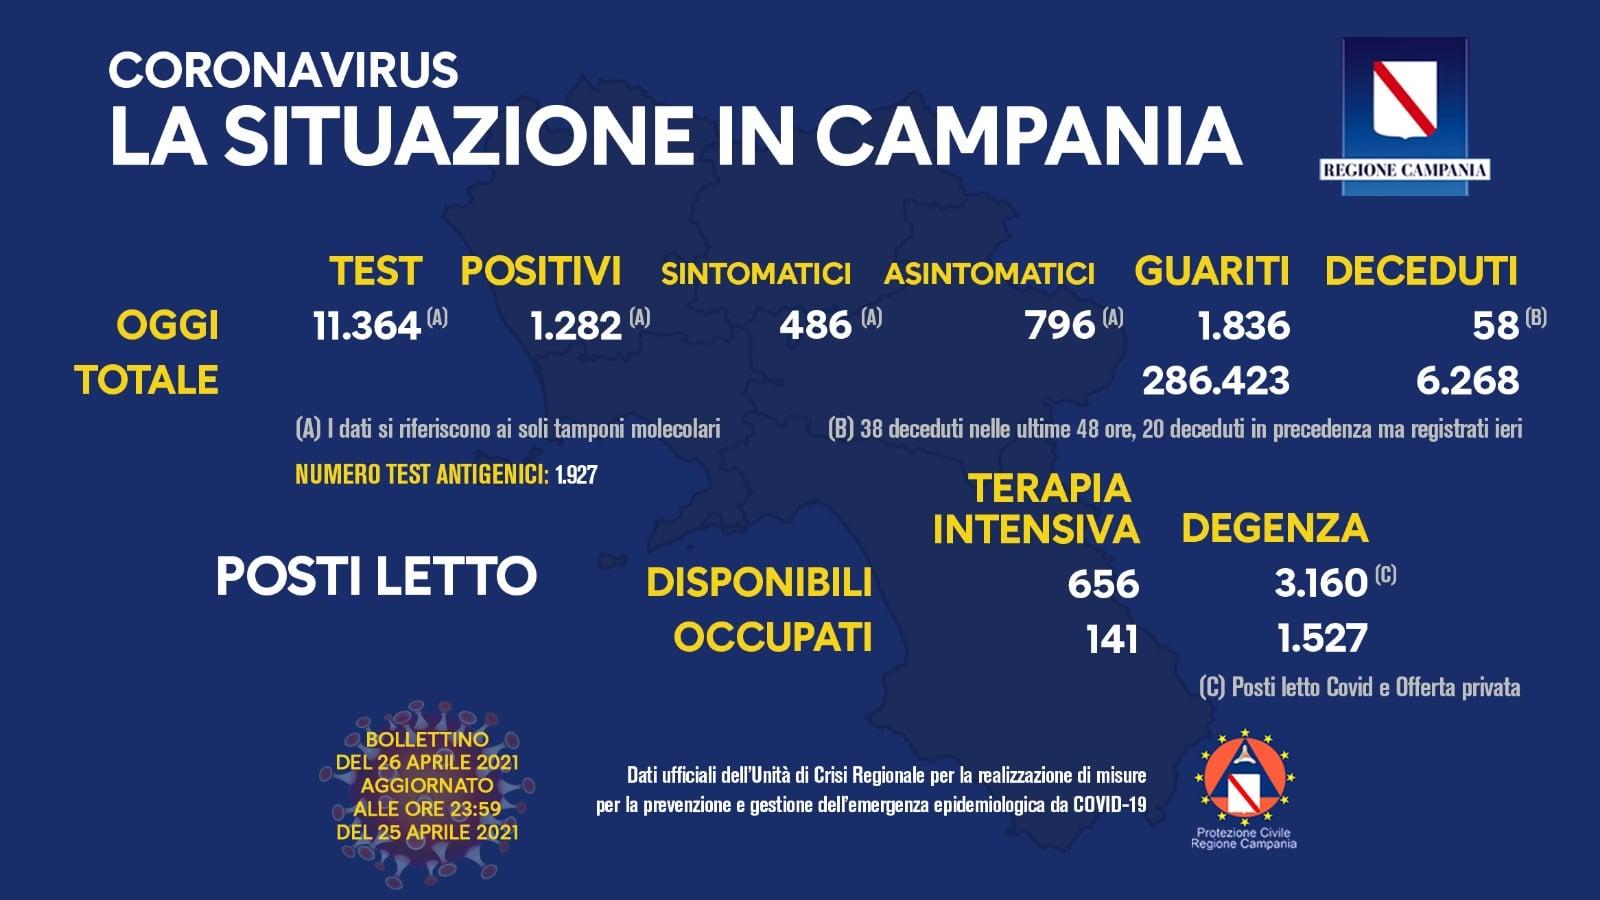 Coronavirus in Campania: bollettino del 26 aprile 2021